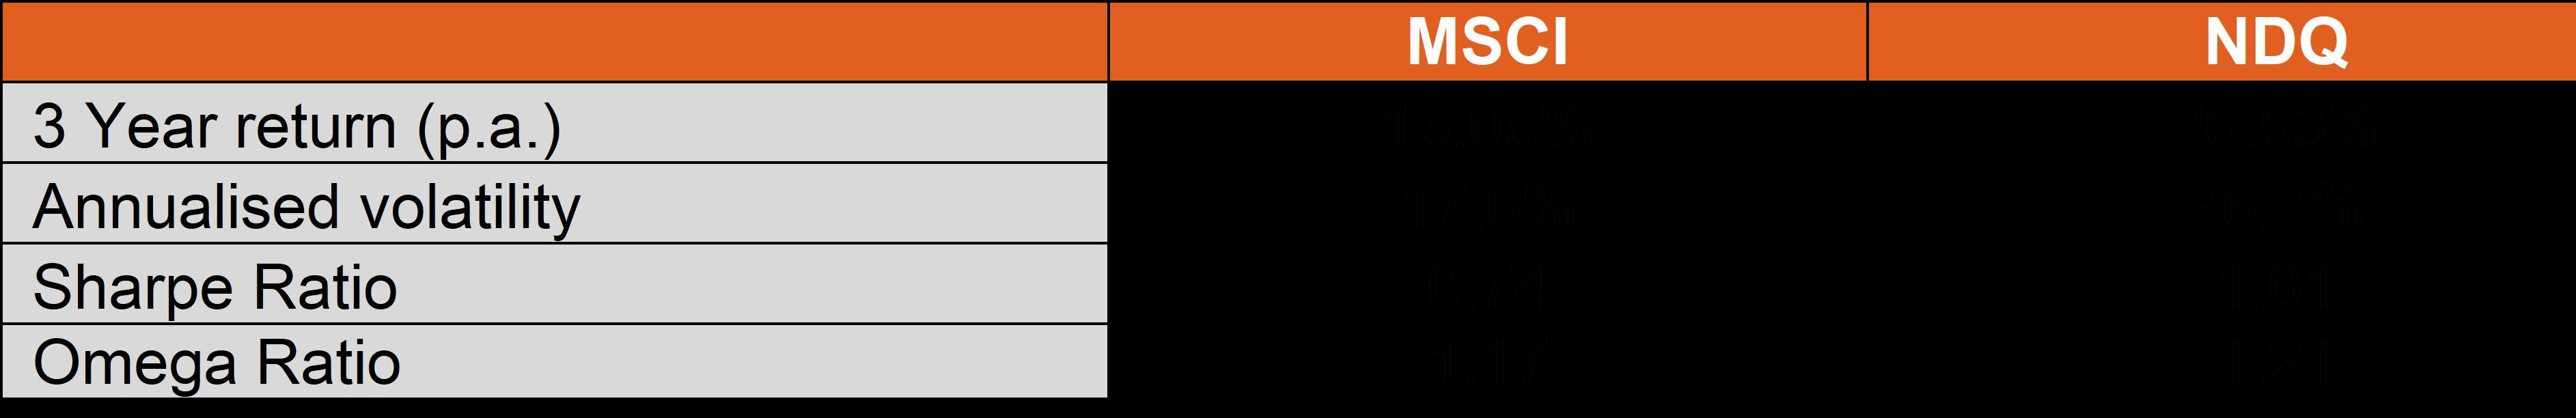 NDQ v MSCI World risk adjusted returns